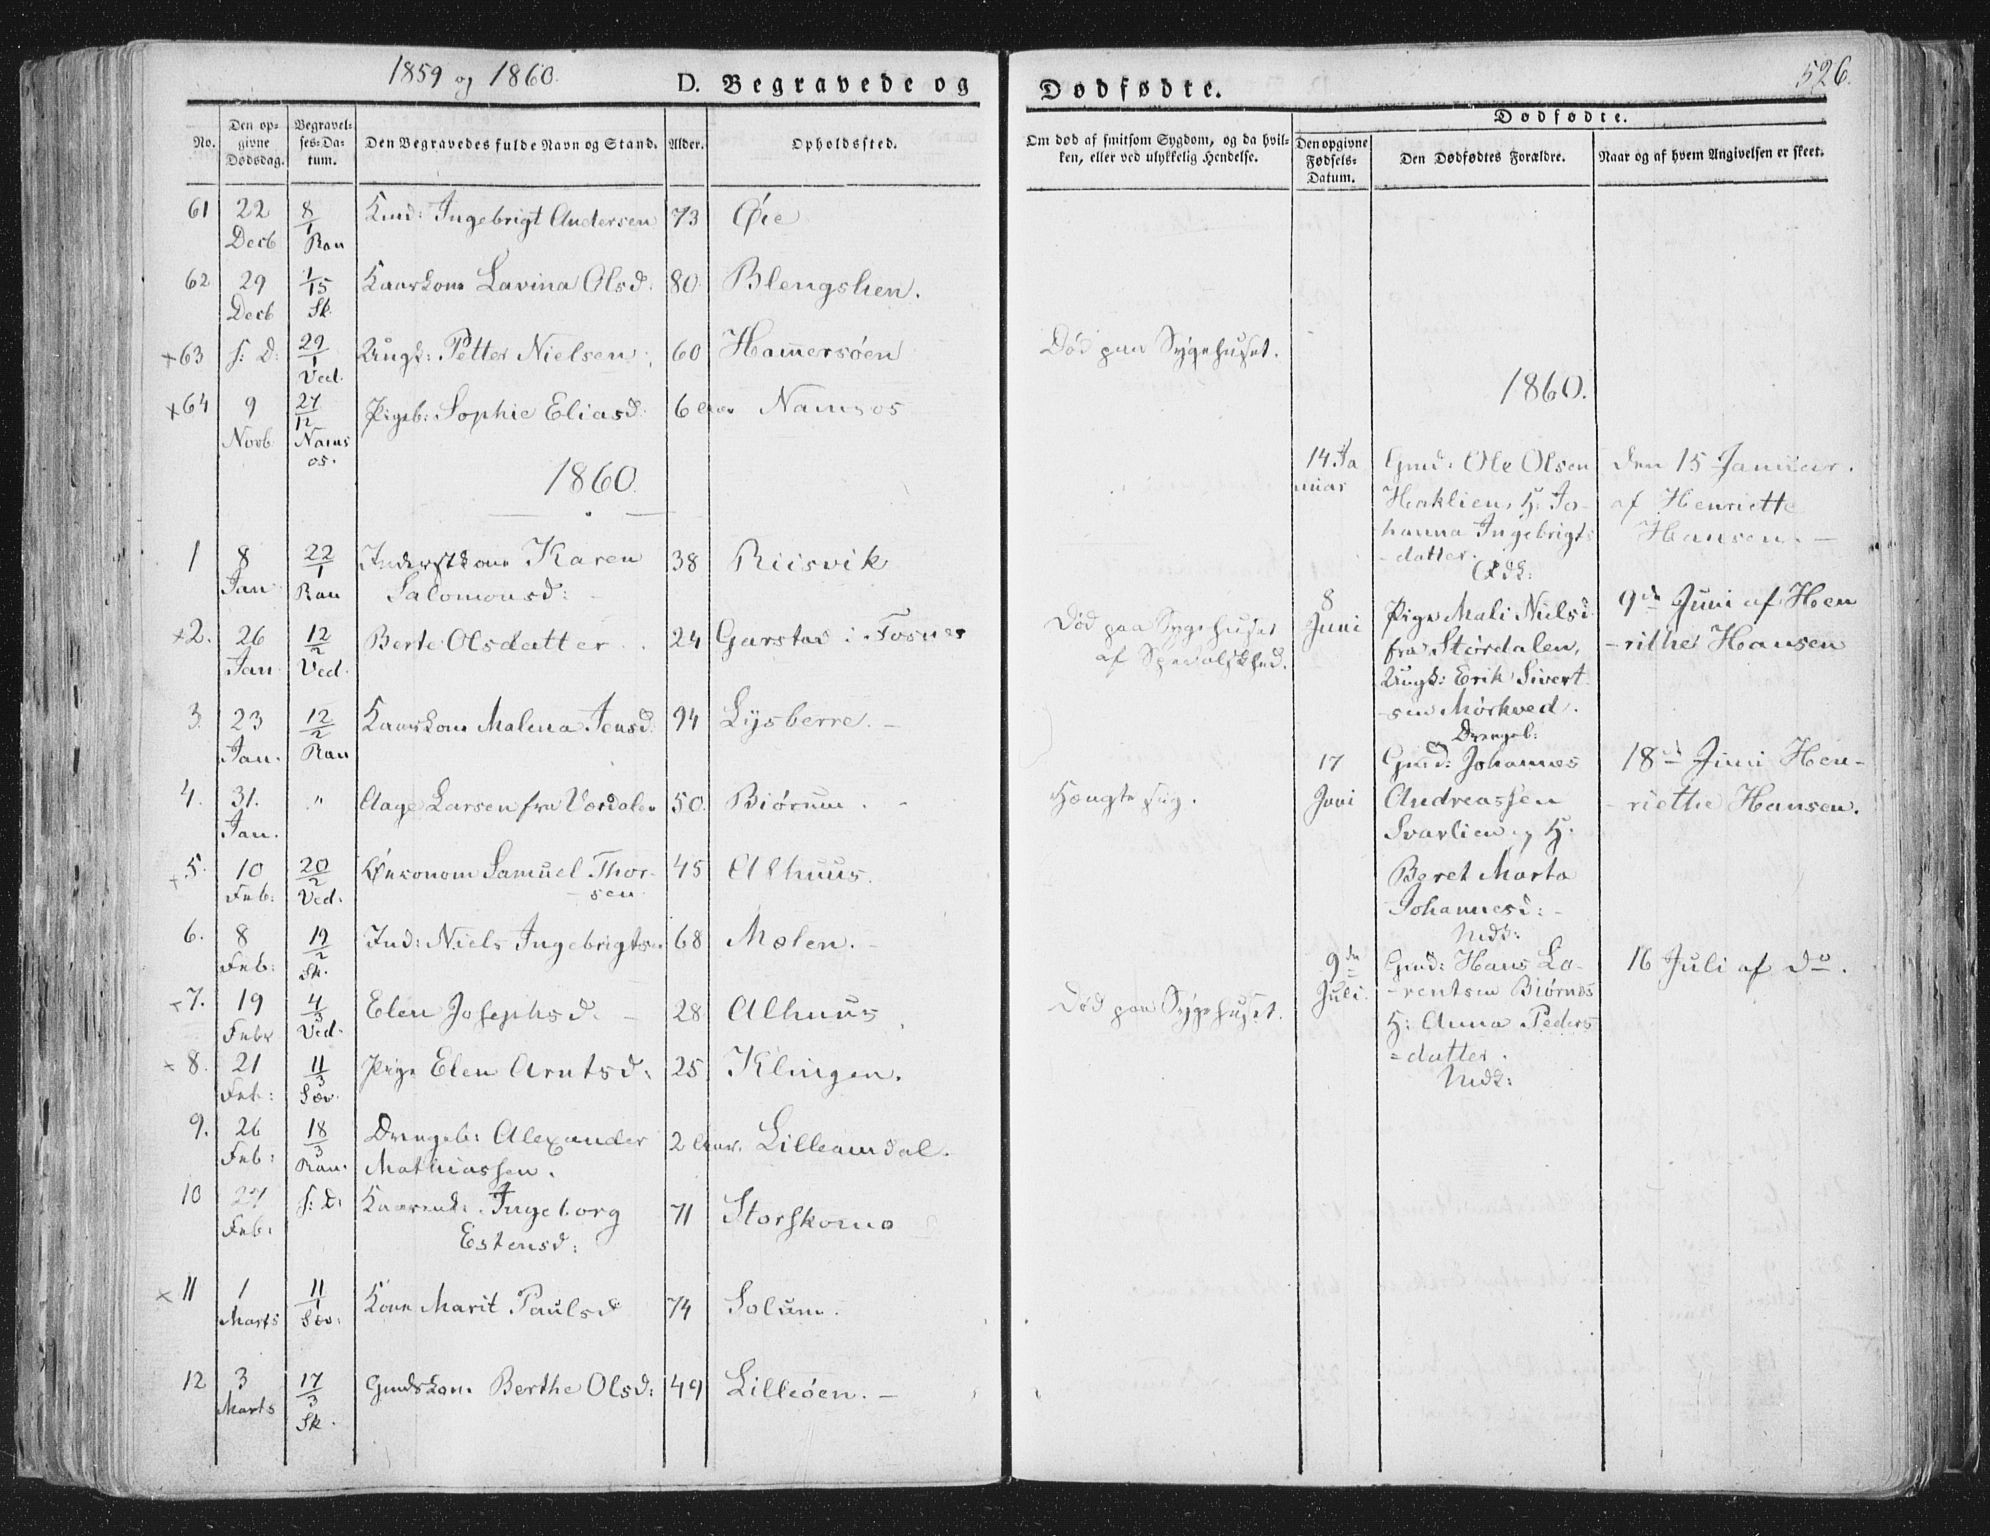 SAT, Ministerialprotokoller, klokkerbøker og fødselsregistre - Nord-Trøndelag, 764/L0552: Ministerialbok nr. 764A07b, 1824-1865, s. 526